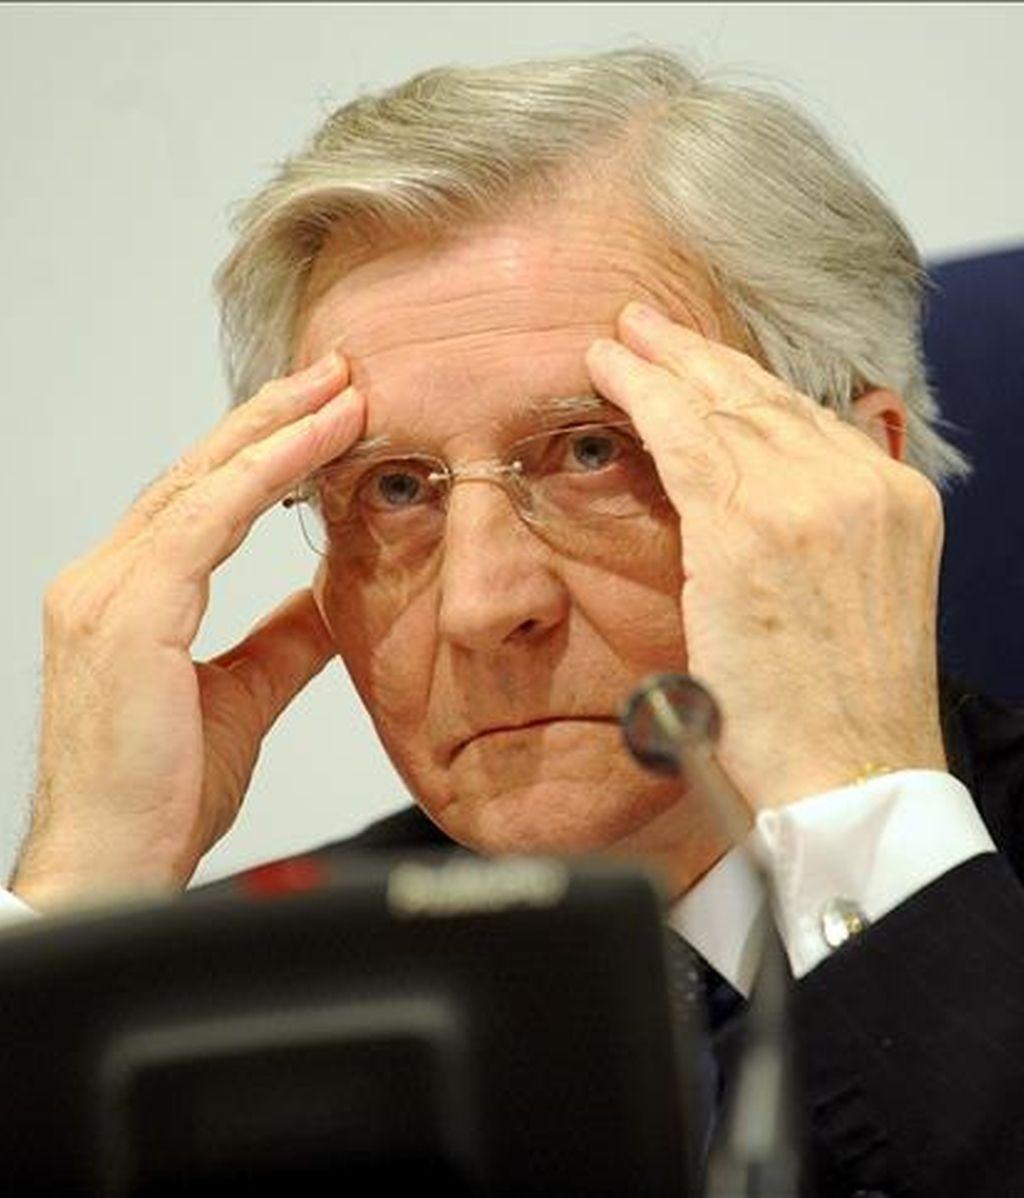 El presidente del Banco Central Europeo, Jean-Claude Trichet, ayer en Praga. EFE